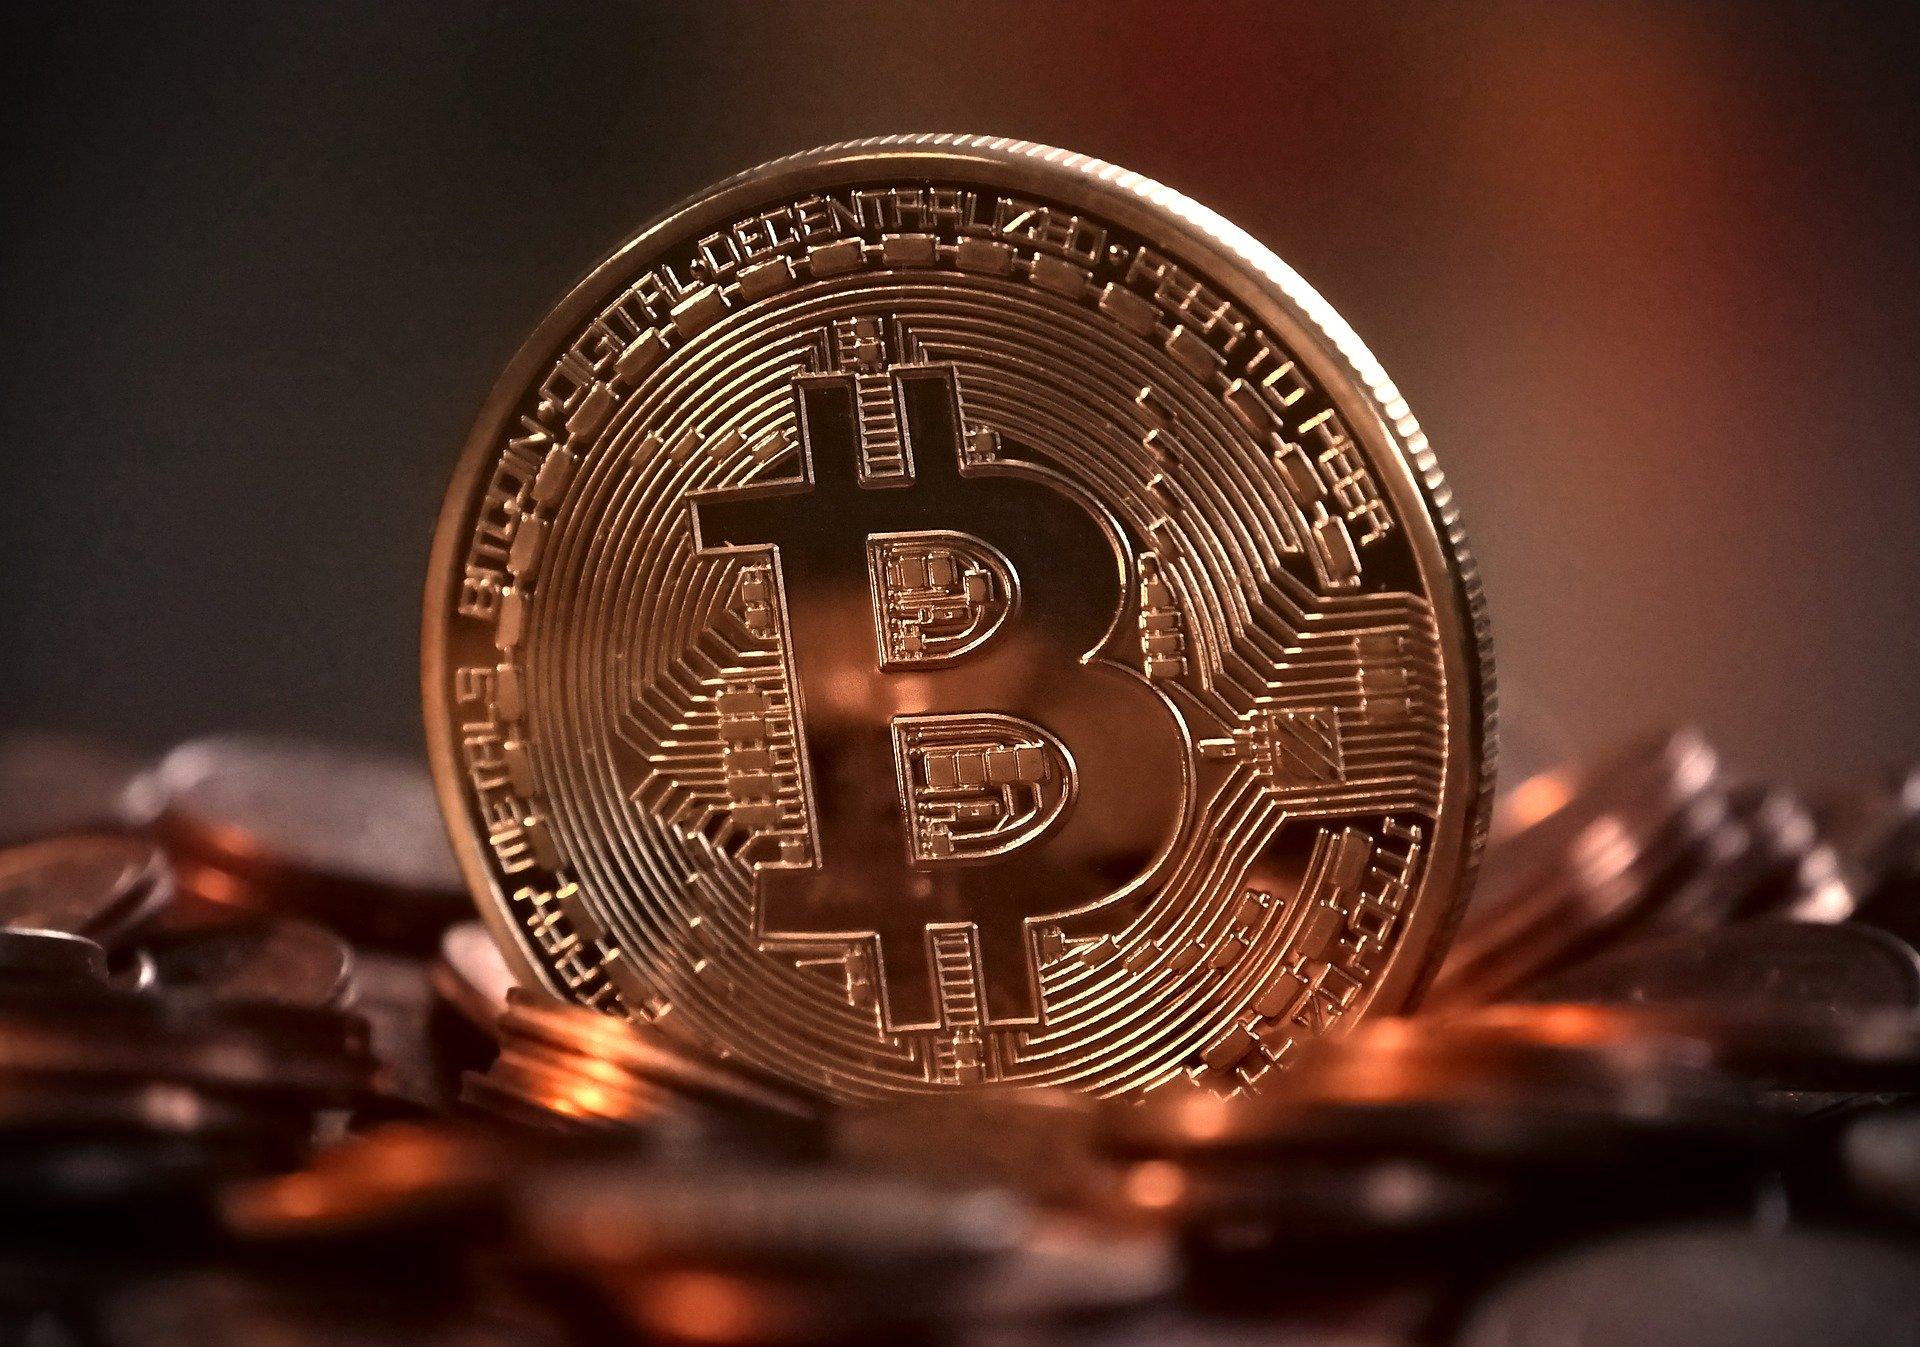 Le criptovalute: la moneta elettronica del futuro?